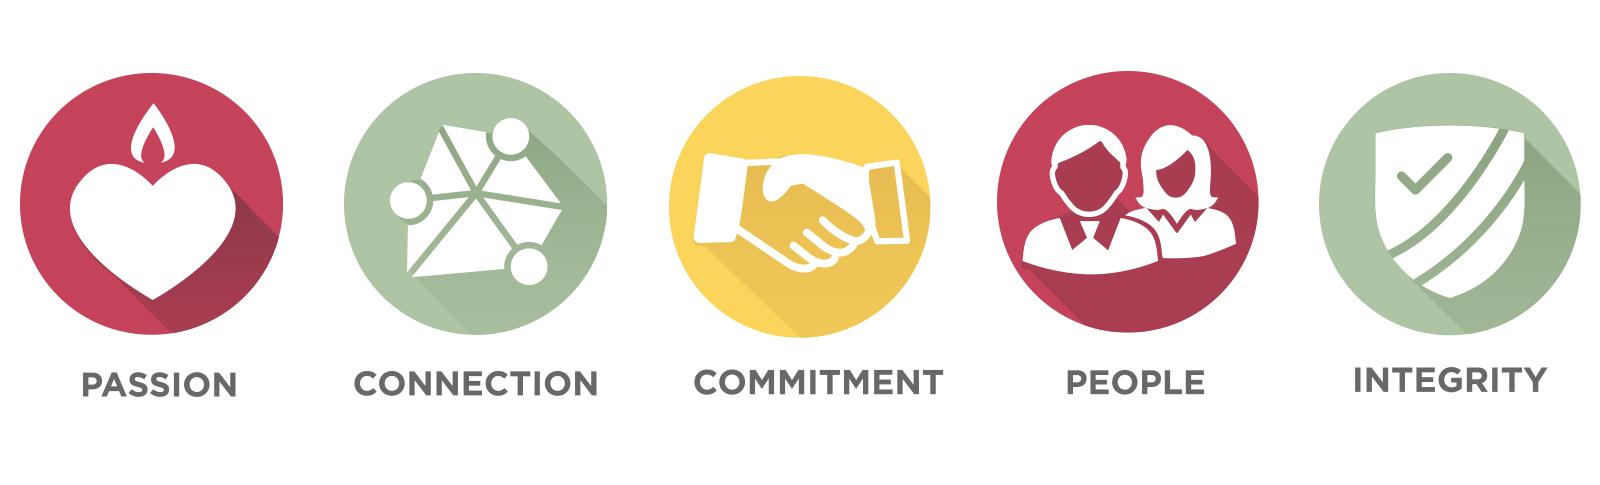 core values_business